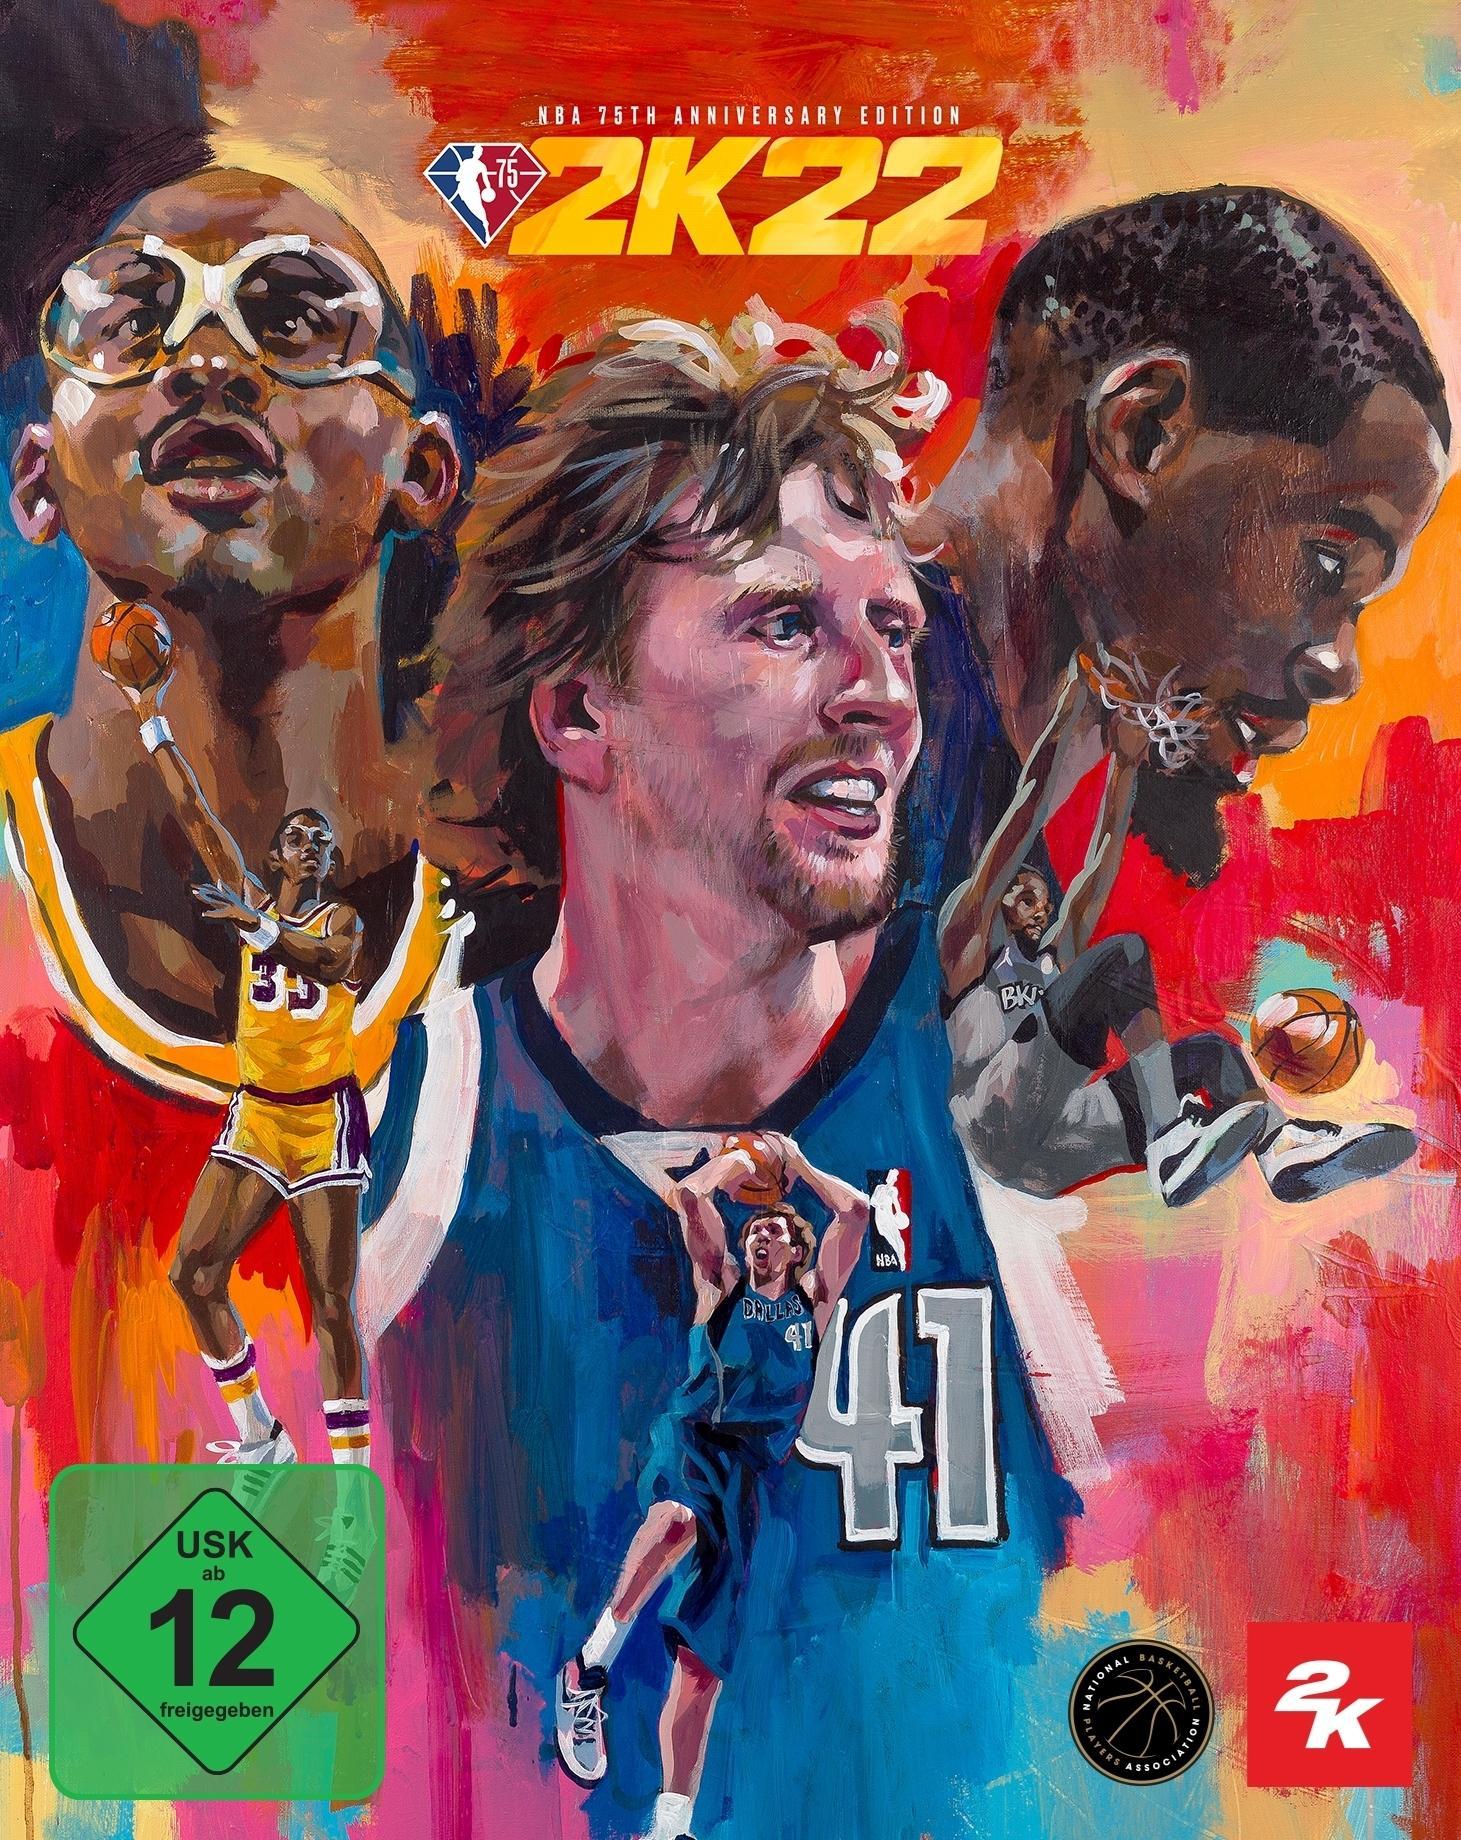 NBA 2K22: NBA 75th Anniversary Edition | LATAM (bfa429e2-d63c-42a9-a26d-31dd994f73b5)